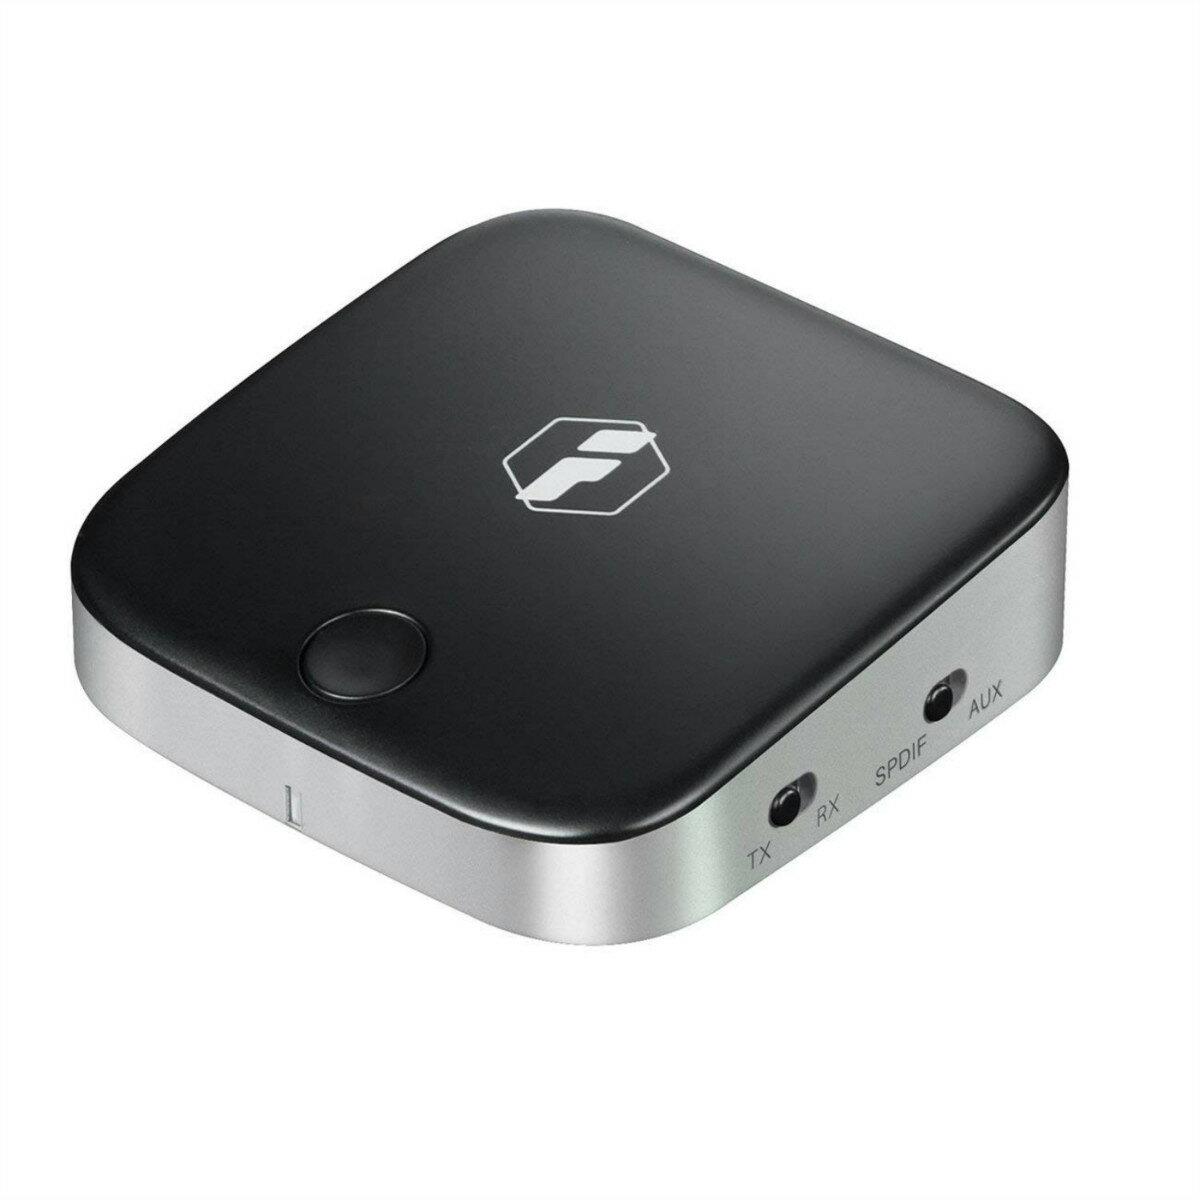 【全品日本全国送料無料】Inateck 2-in-1 Bluetooth トランスミッター&レシーバー 受信機+送信機 光デジタルTOSLINK、3.5mmAUXケーブル、RCAケーブル付き aptX ローレイテンシー対応、車載、無線 Bluetoothレシーバー カーオーディオ 車内 音楽再生